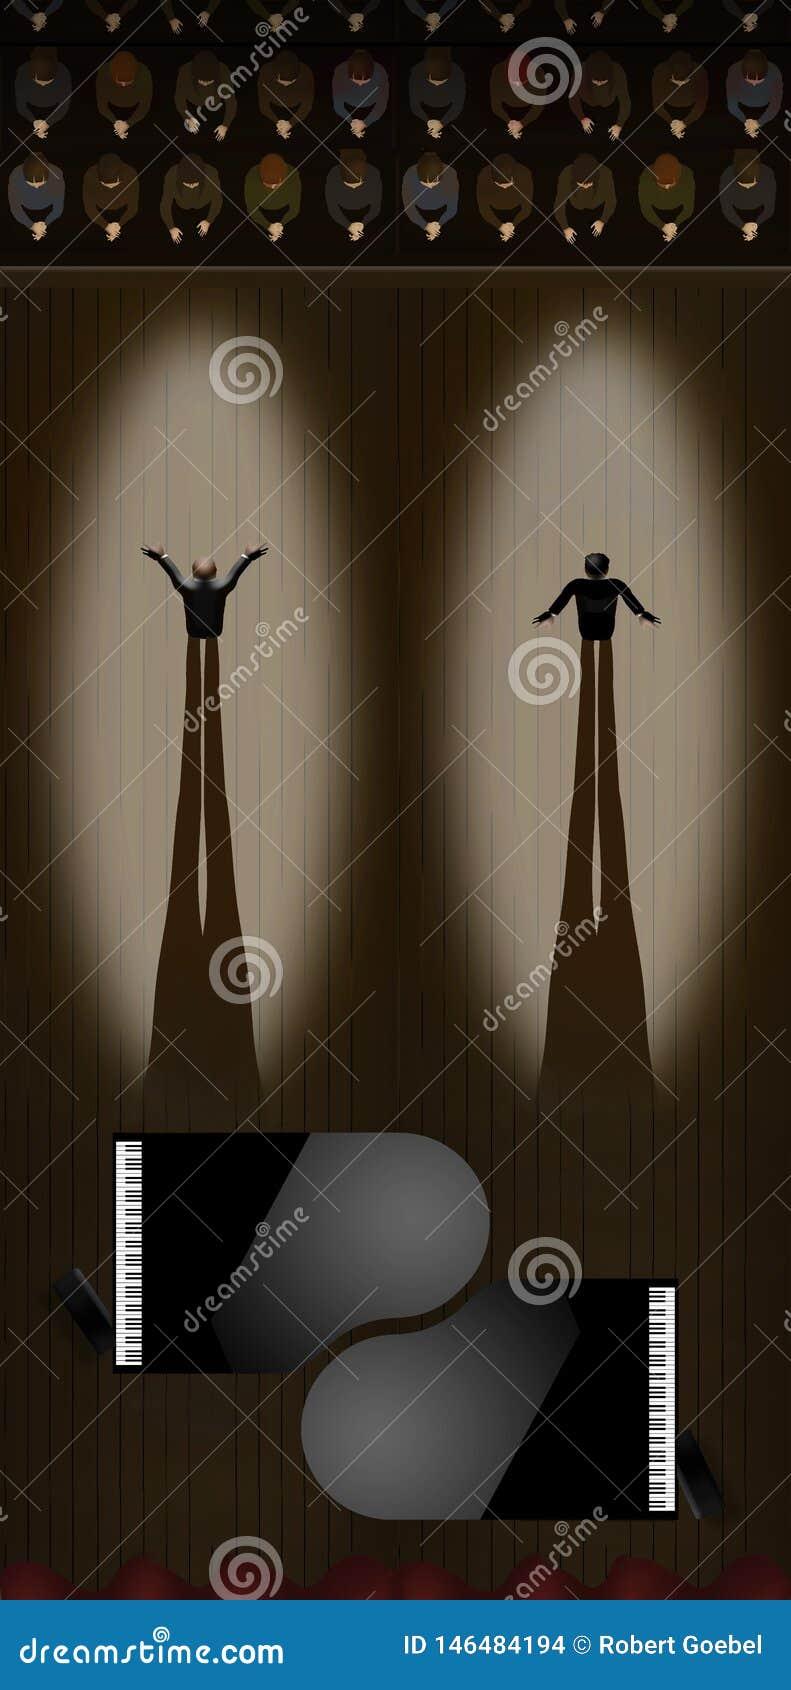 Dos pianistas en proyectores toman sus arcos como audiencia aplauden después de un funcionamiento del dúo en pianos de cola Se ve